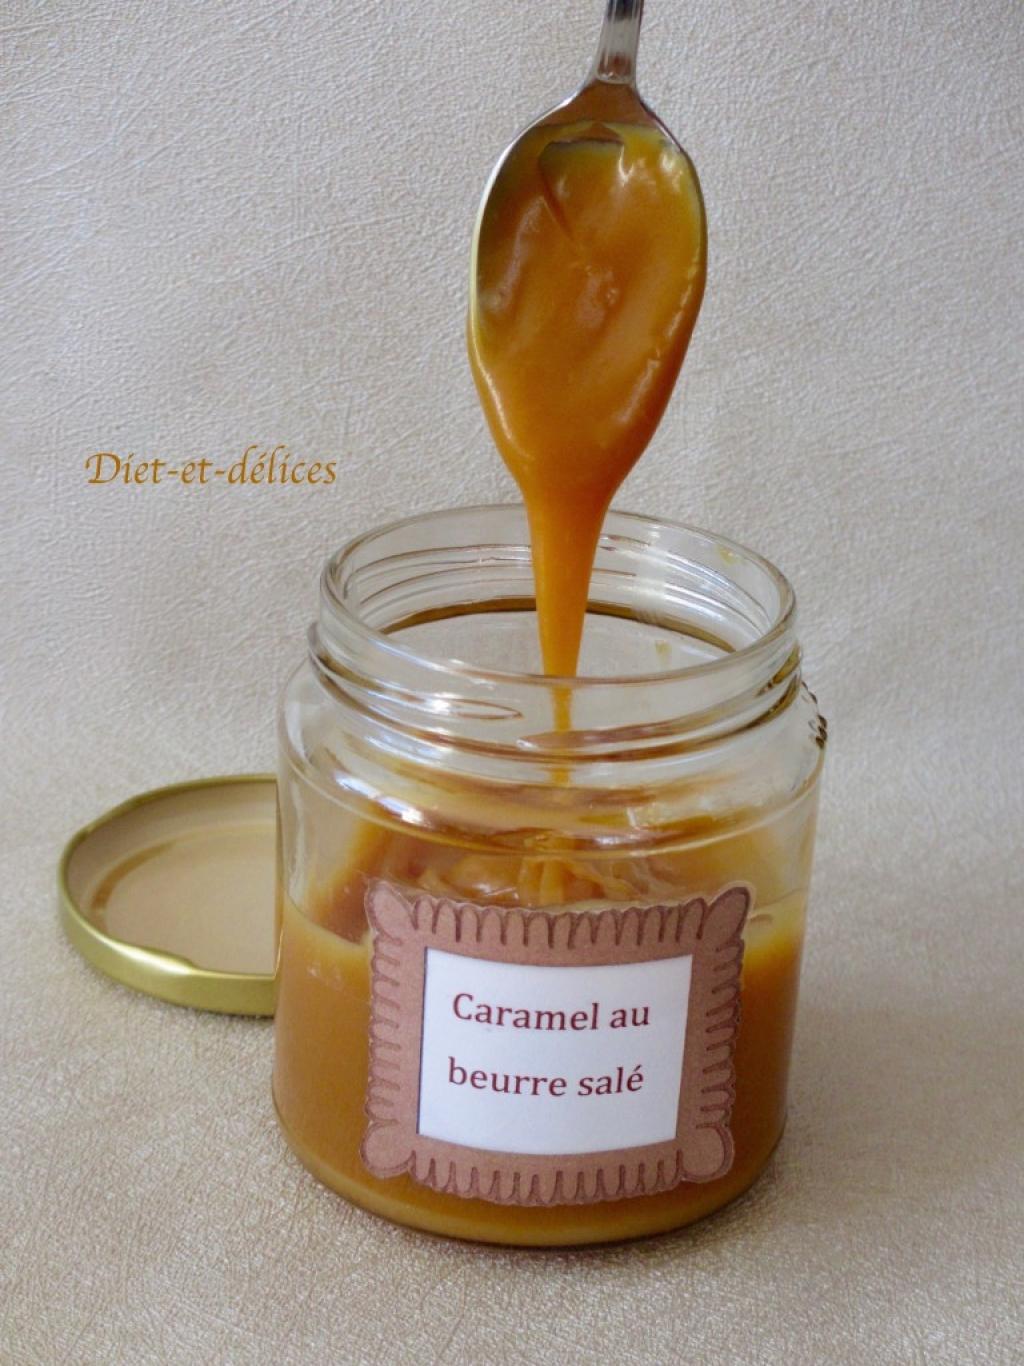 Recettes de caramel au beurre sal - Recette caramel beurre sale breton ...